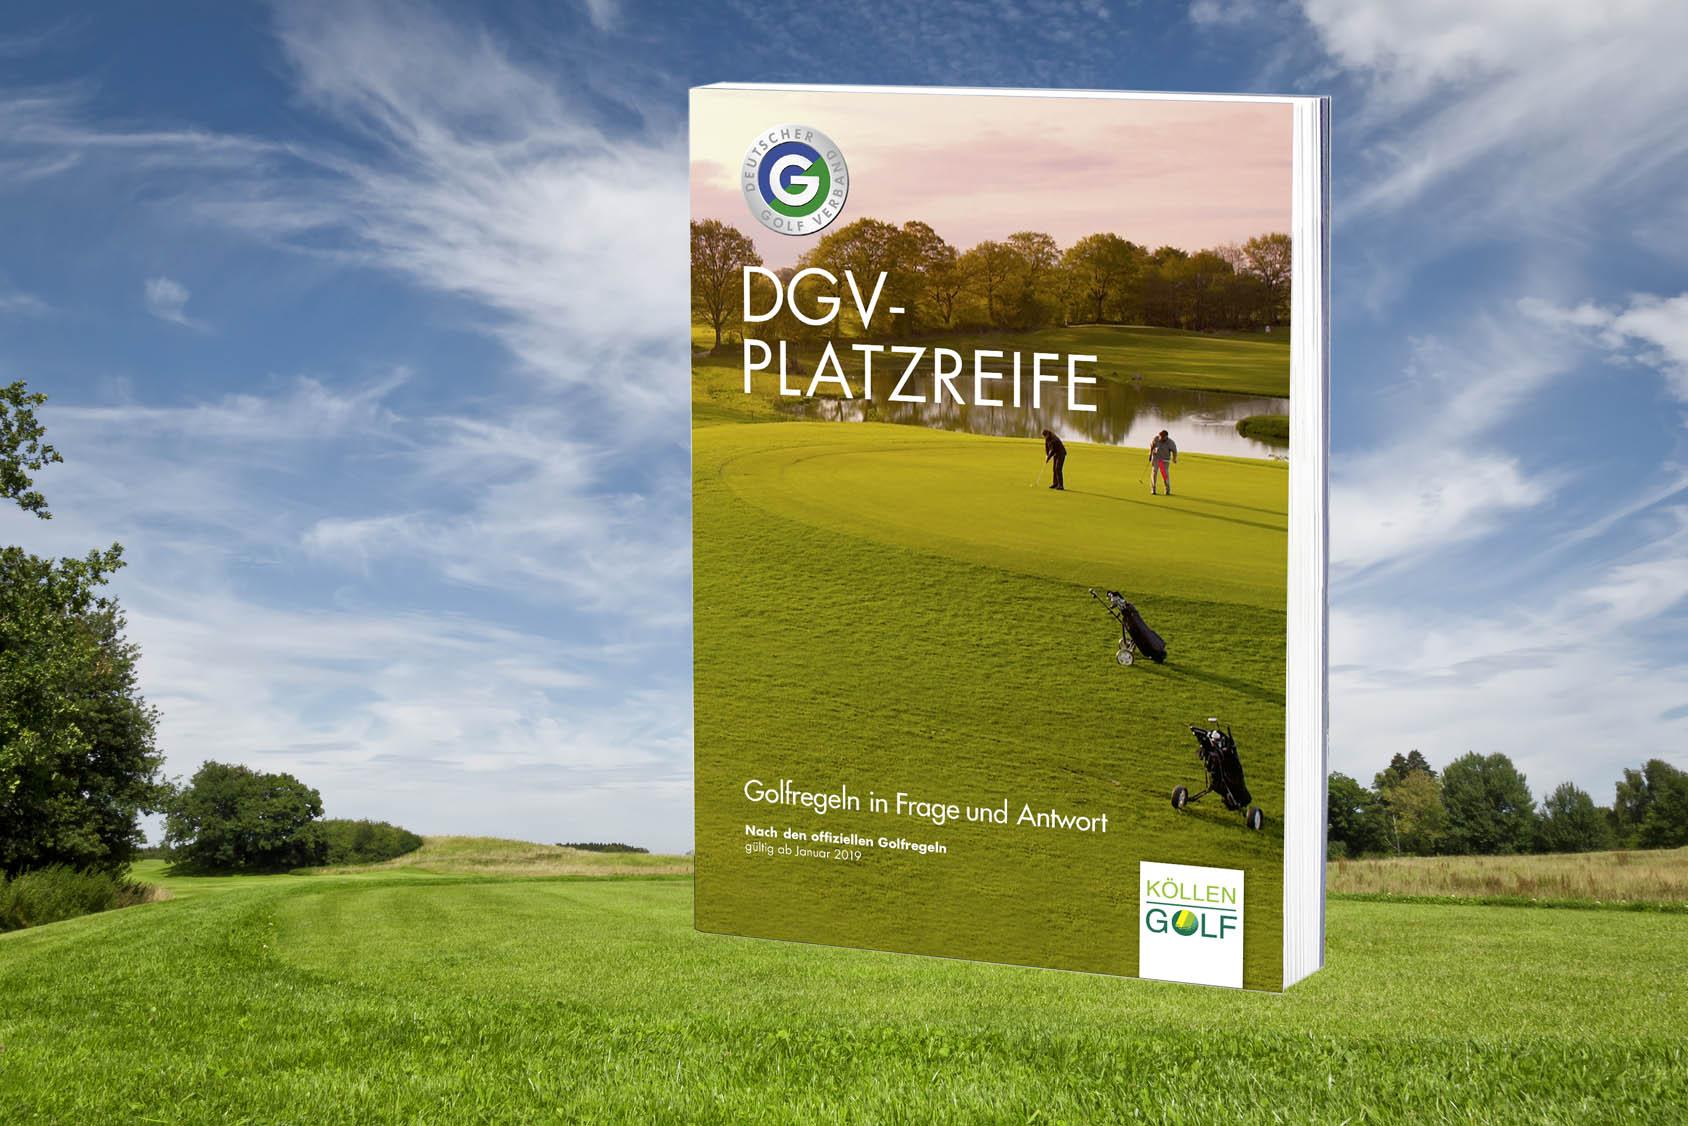 Jetzt zu bestellen: DGV-Platzreife - Golfregeln in Frage und Antwort